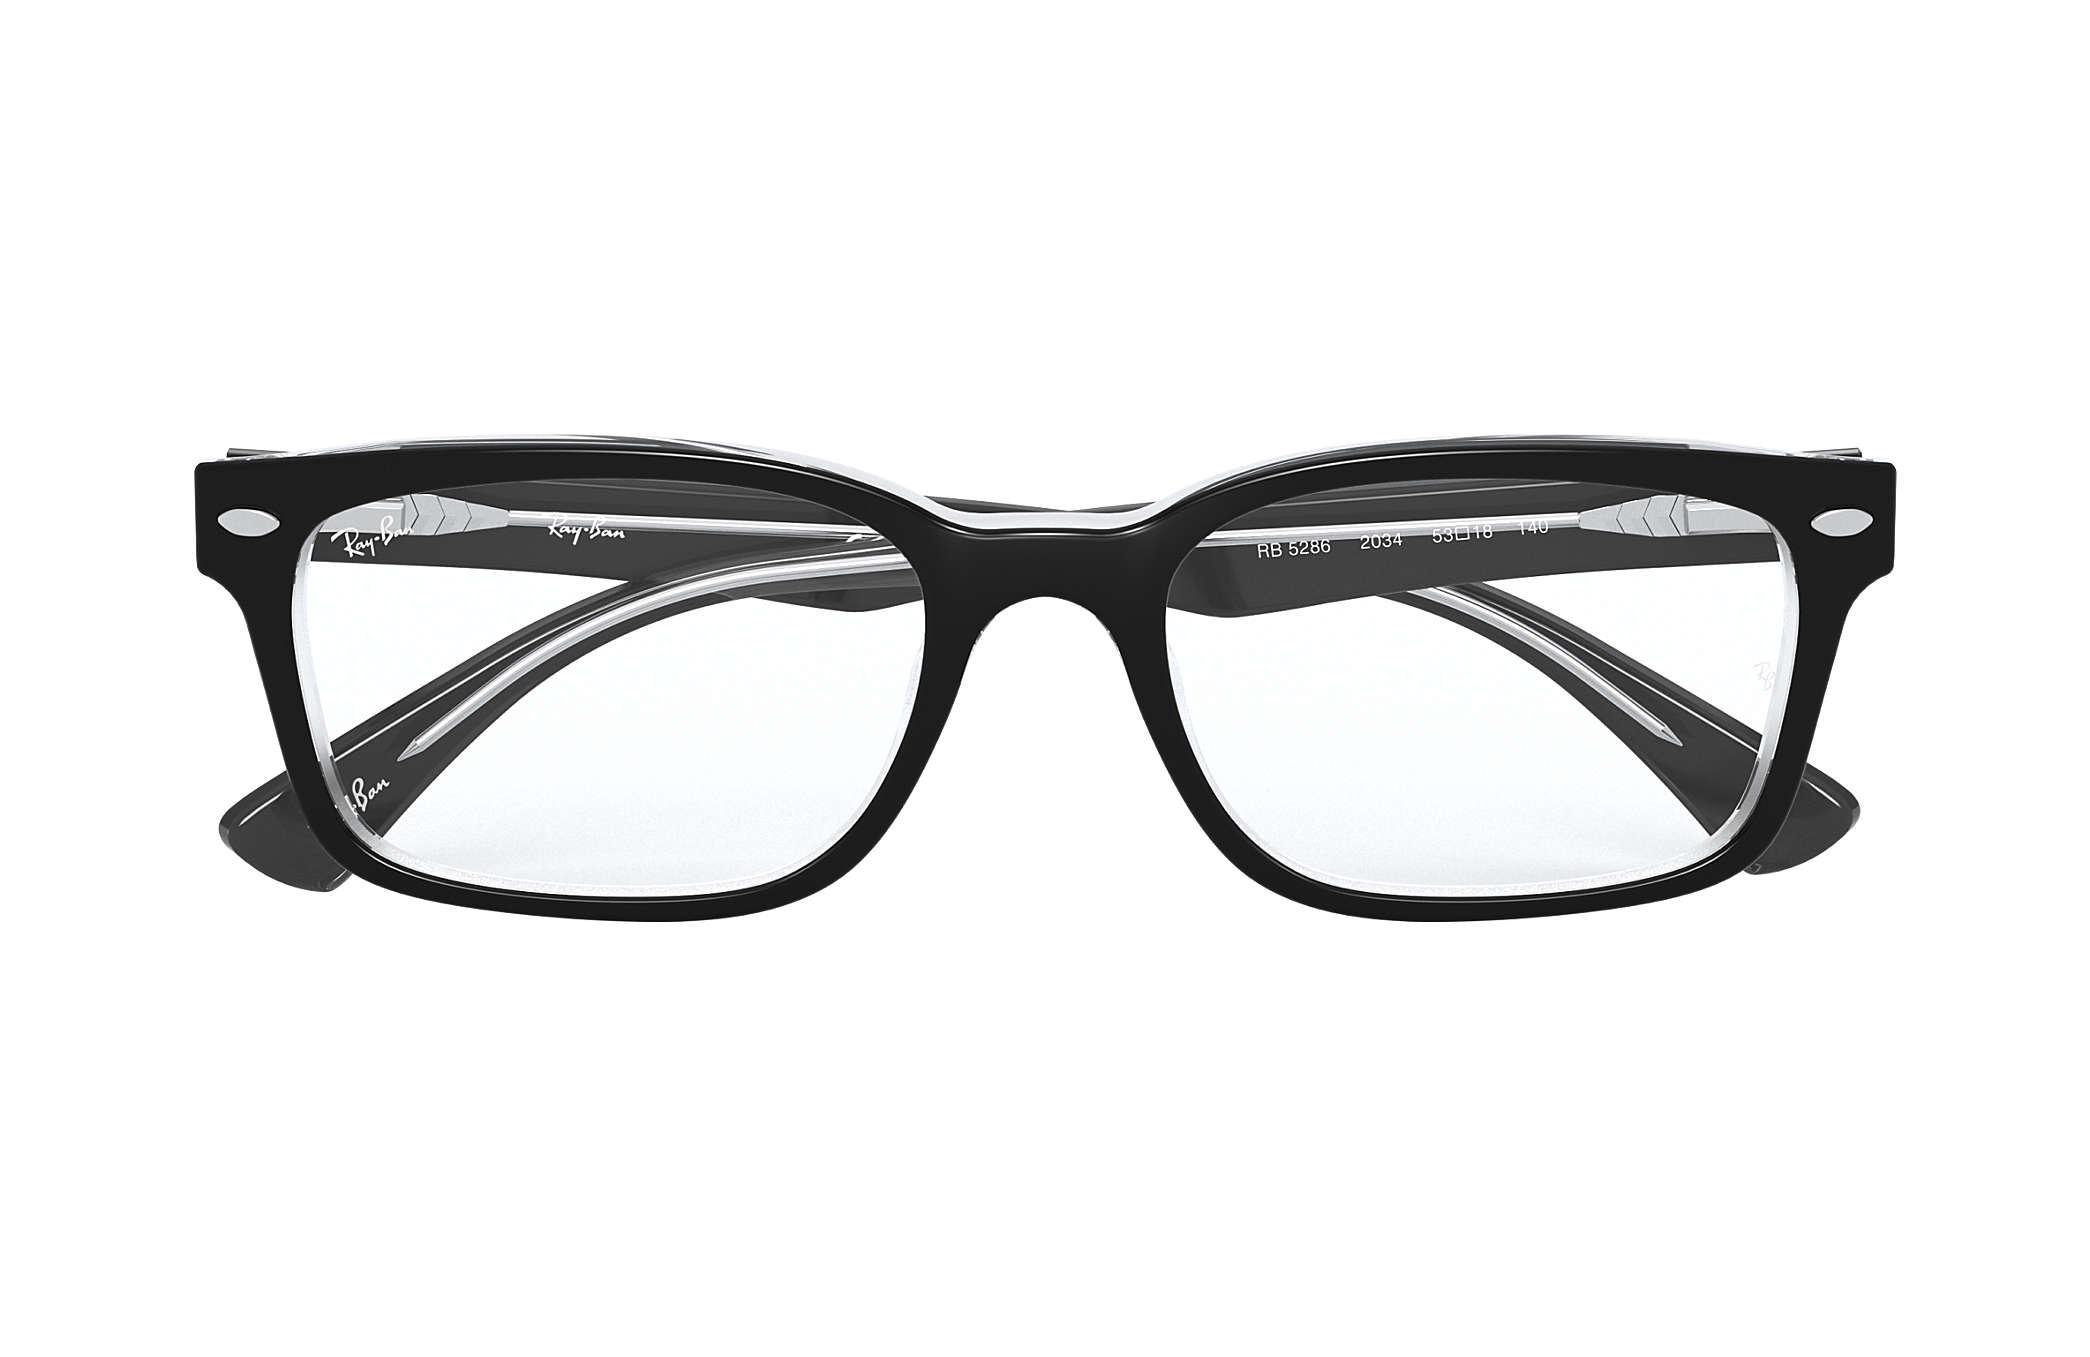 Occhiali da vista Ray Ban RB5286 Nero Acetato